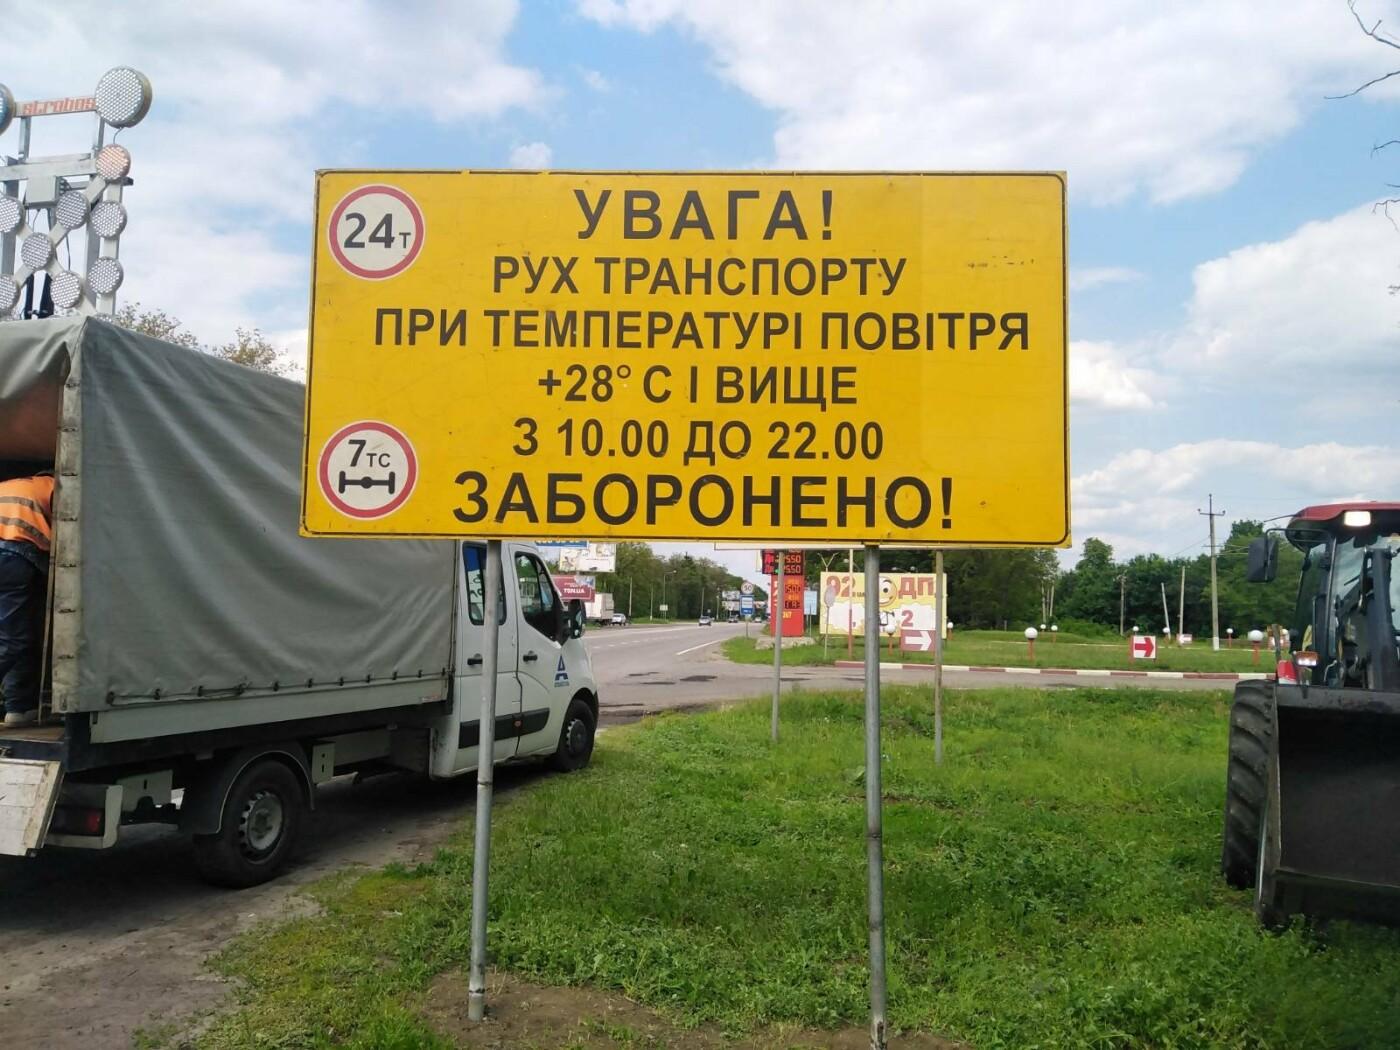 Щоб не руйнувати дороги: на Харківщині, у спеку, обмежать рух вантажівок, фото-1